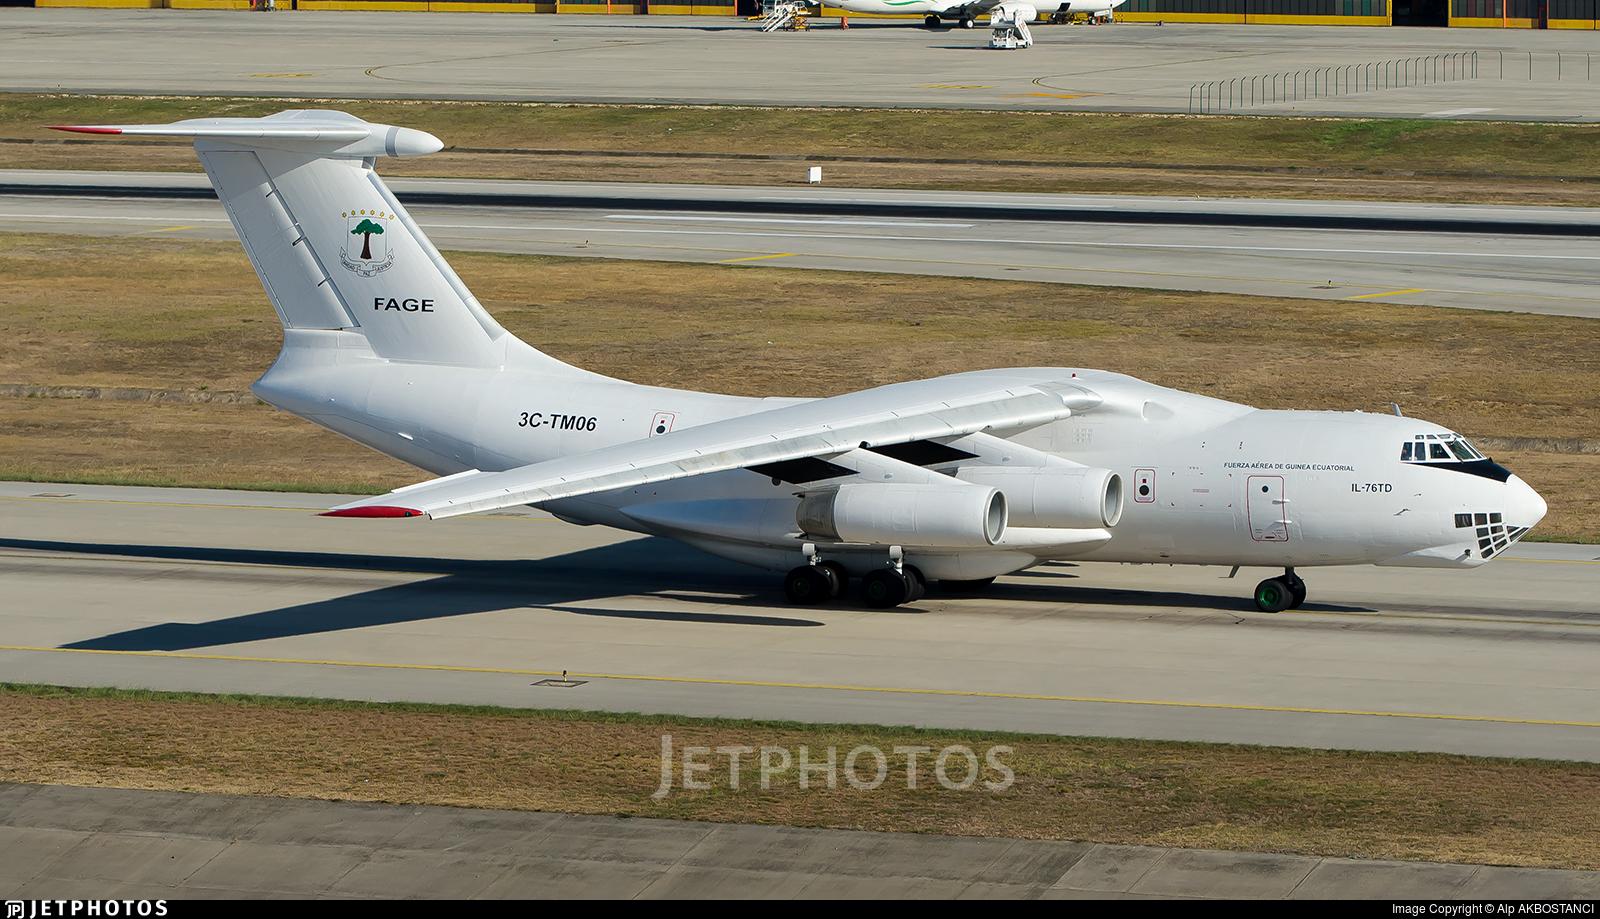 3C-TM06 - Ilyushin IL-76TD - Ecuatorial Guinea - Air Force